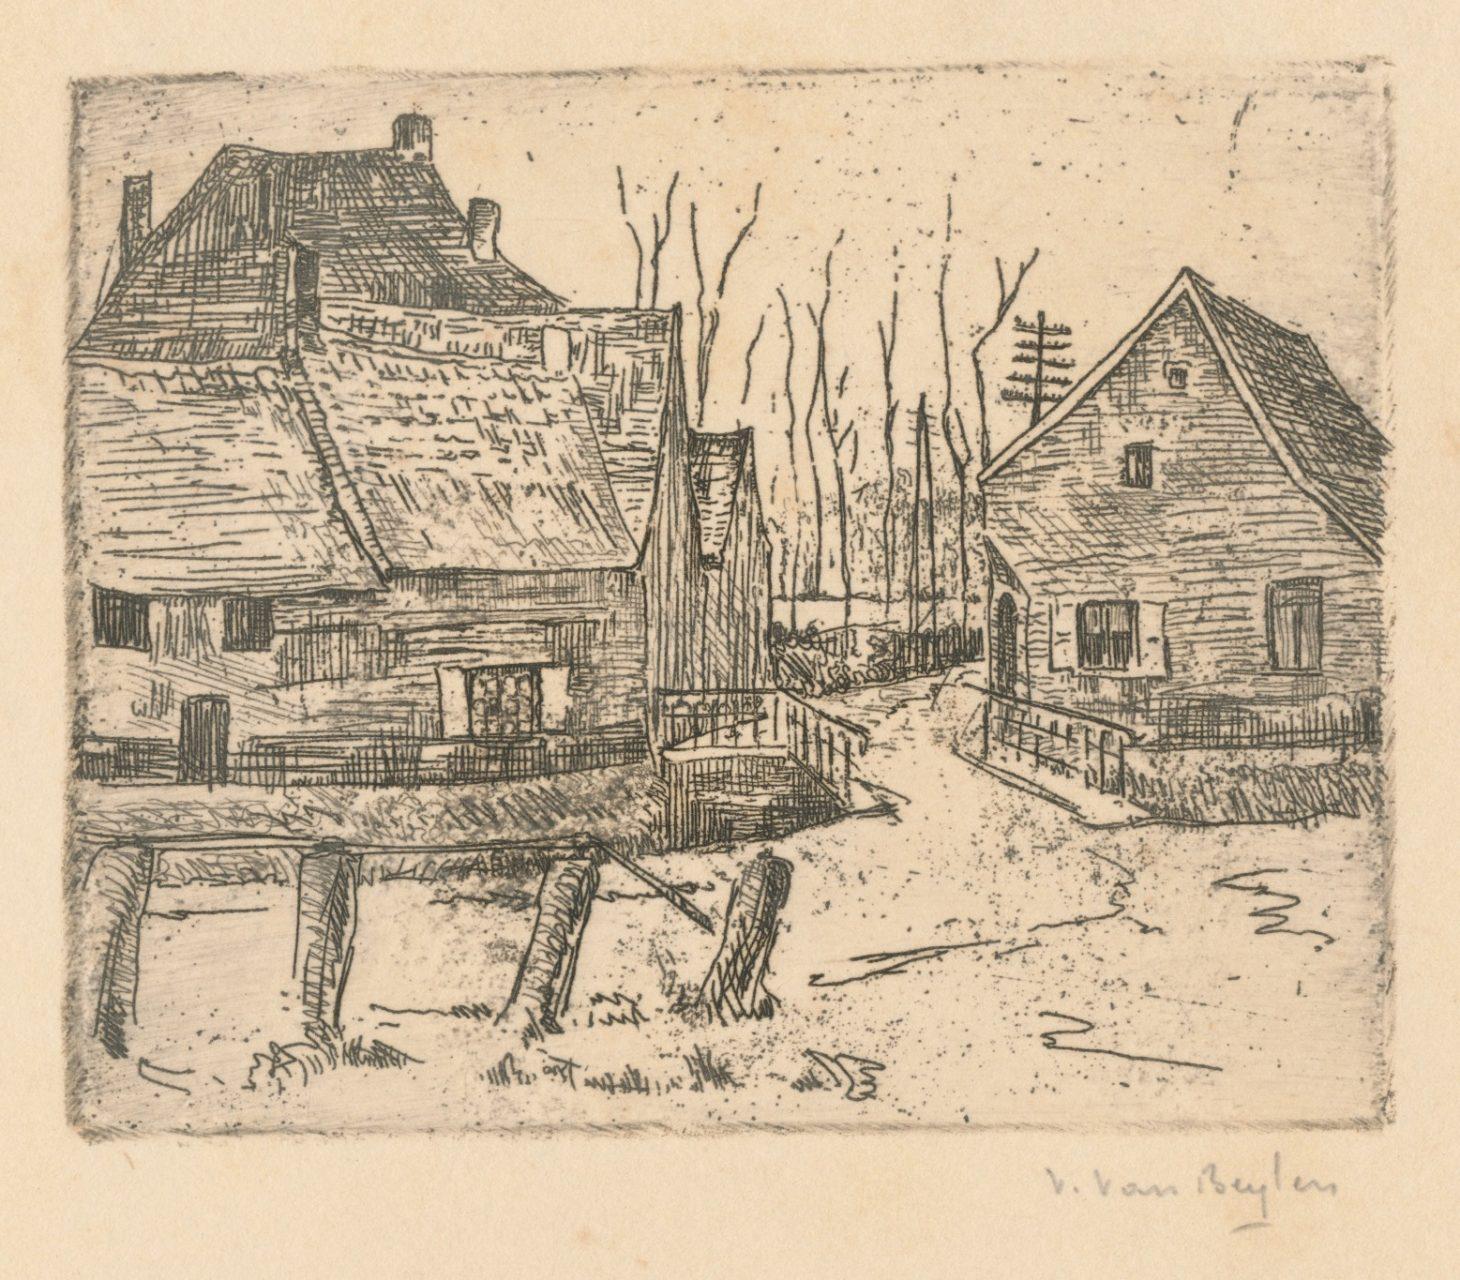 Victor Van Beylen 12